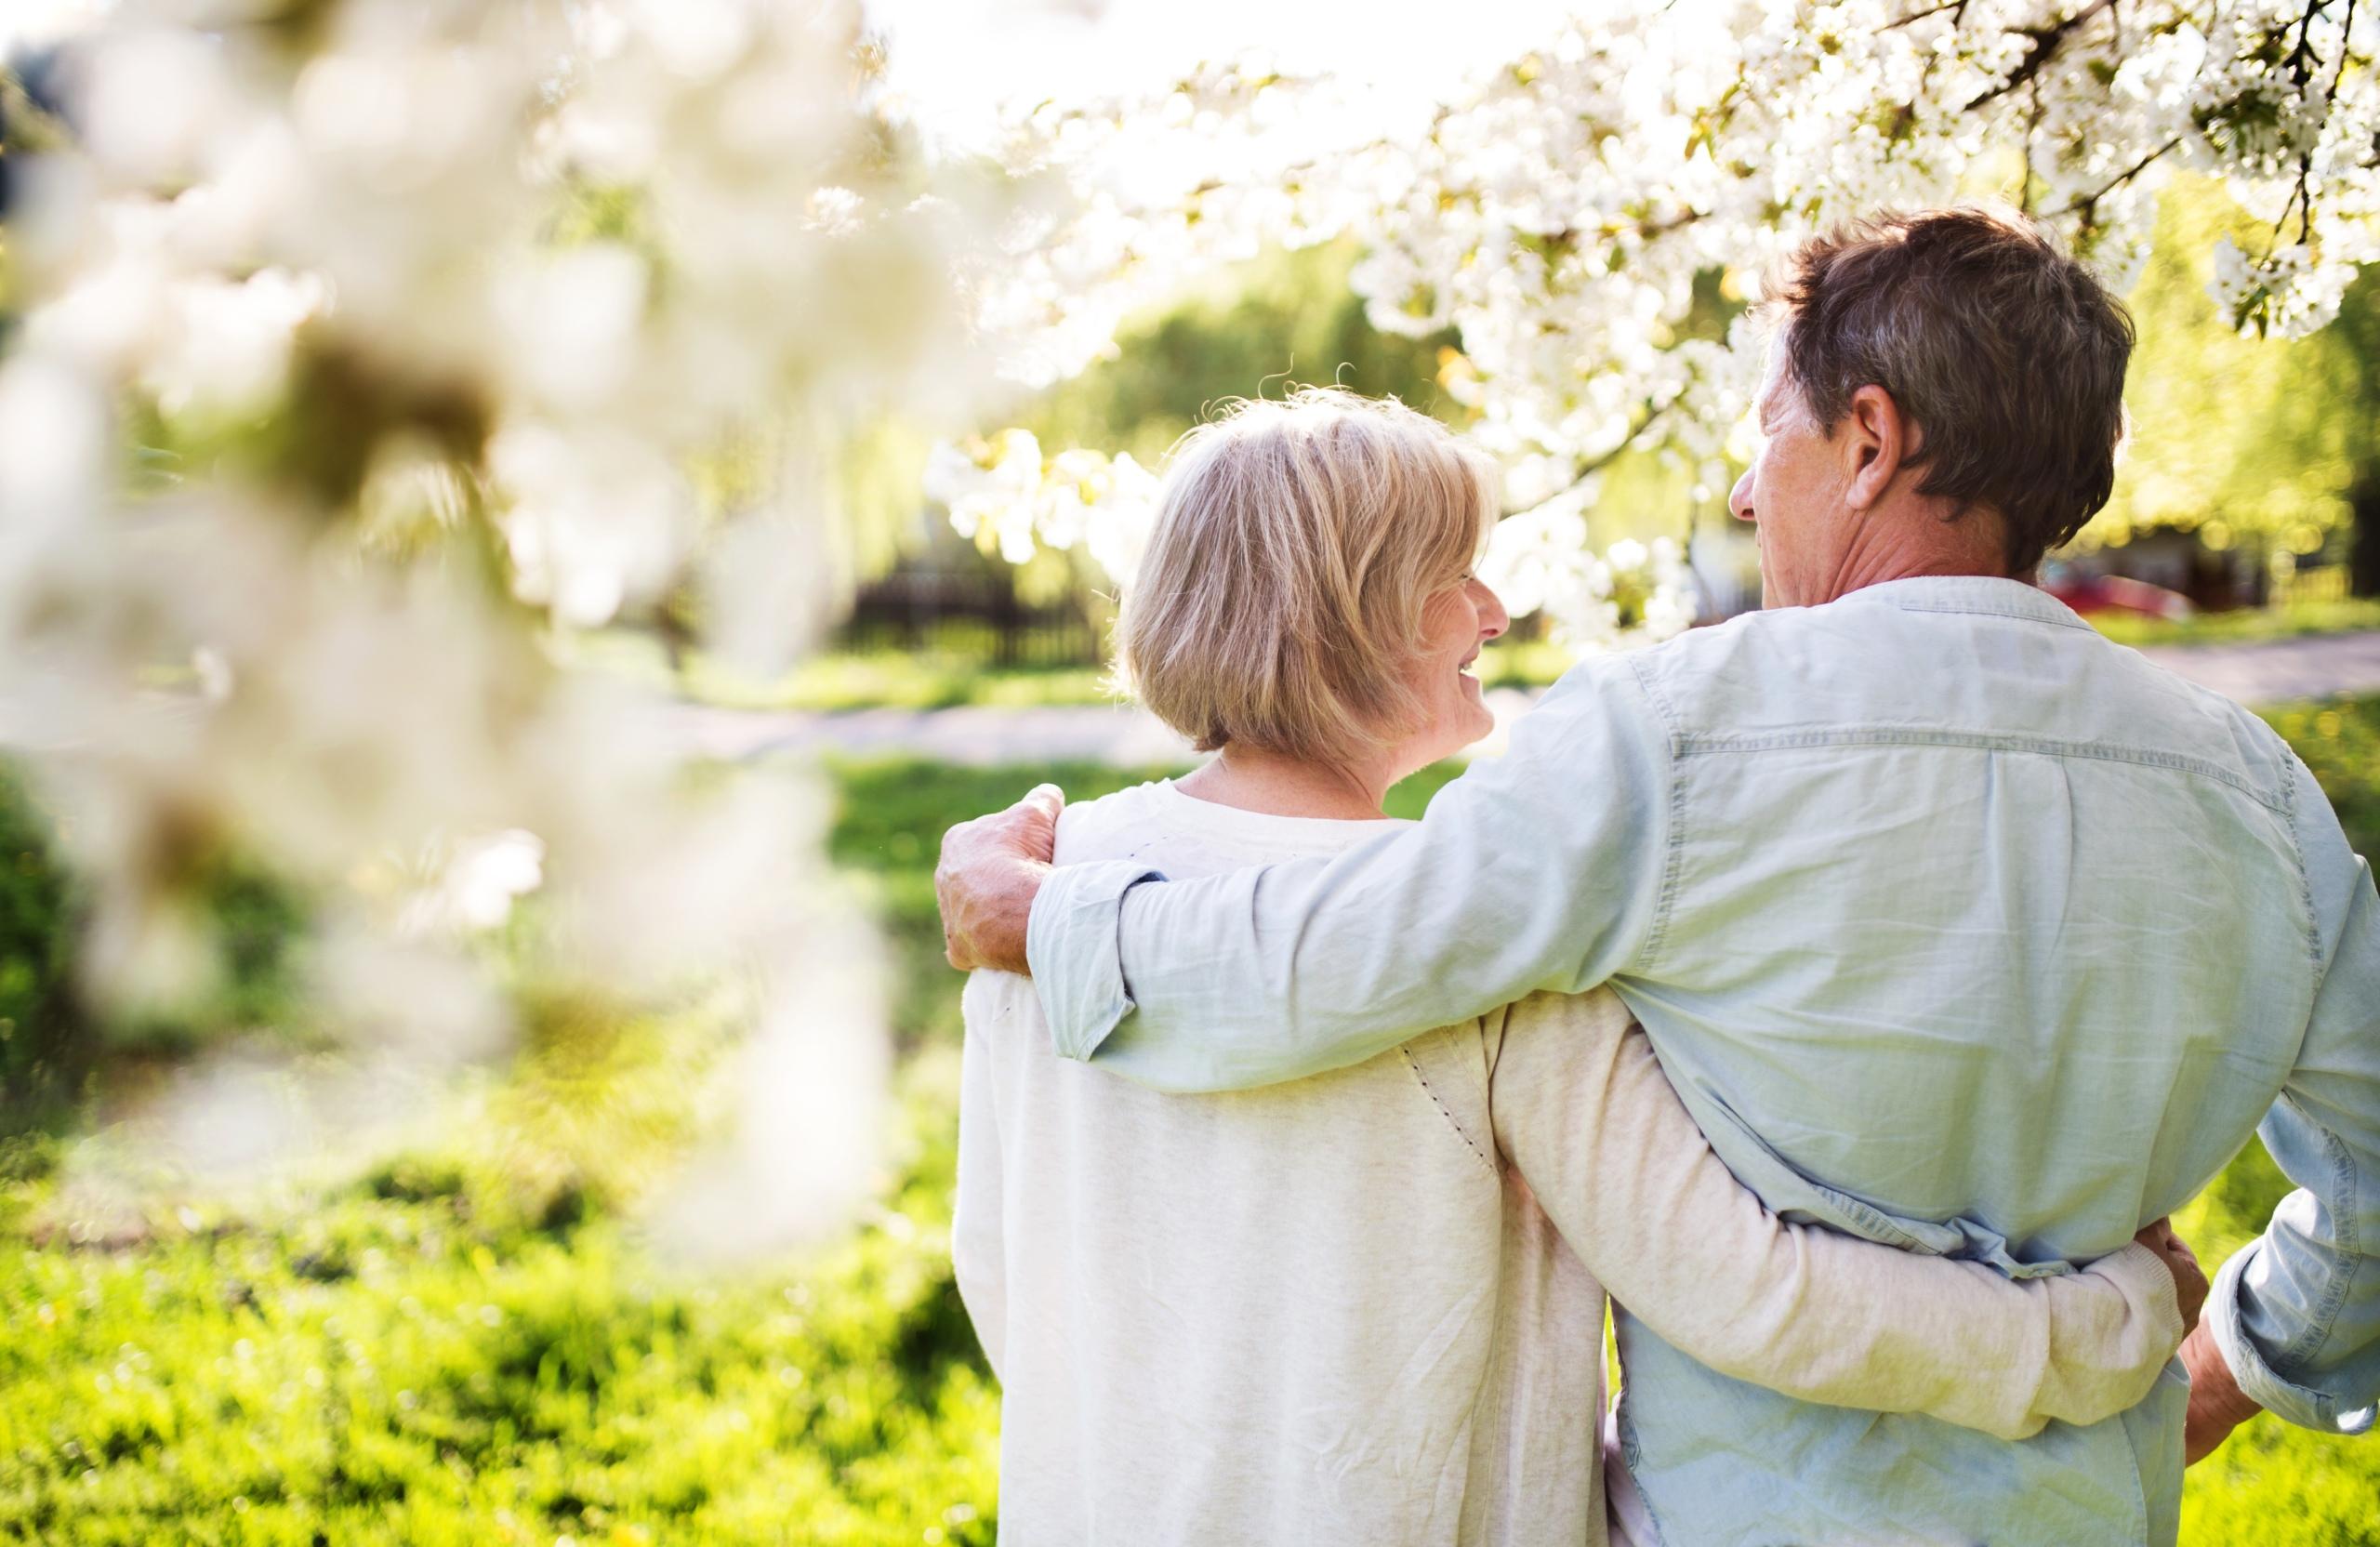 Früher in Rente durch Immobilienverrentung: Nießbrauchlösungen können Rentenabschläge ausgleichen